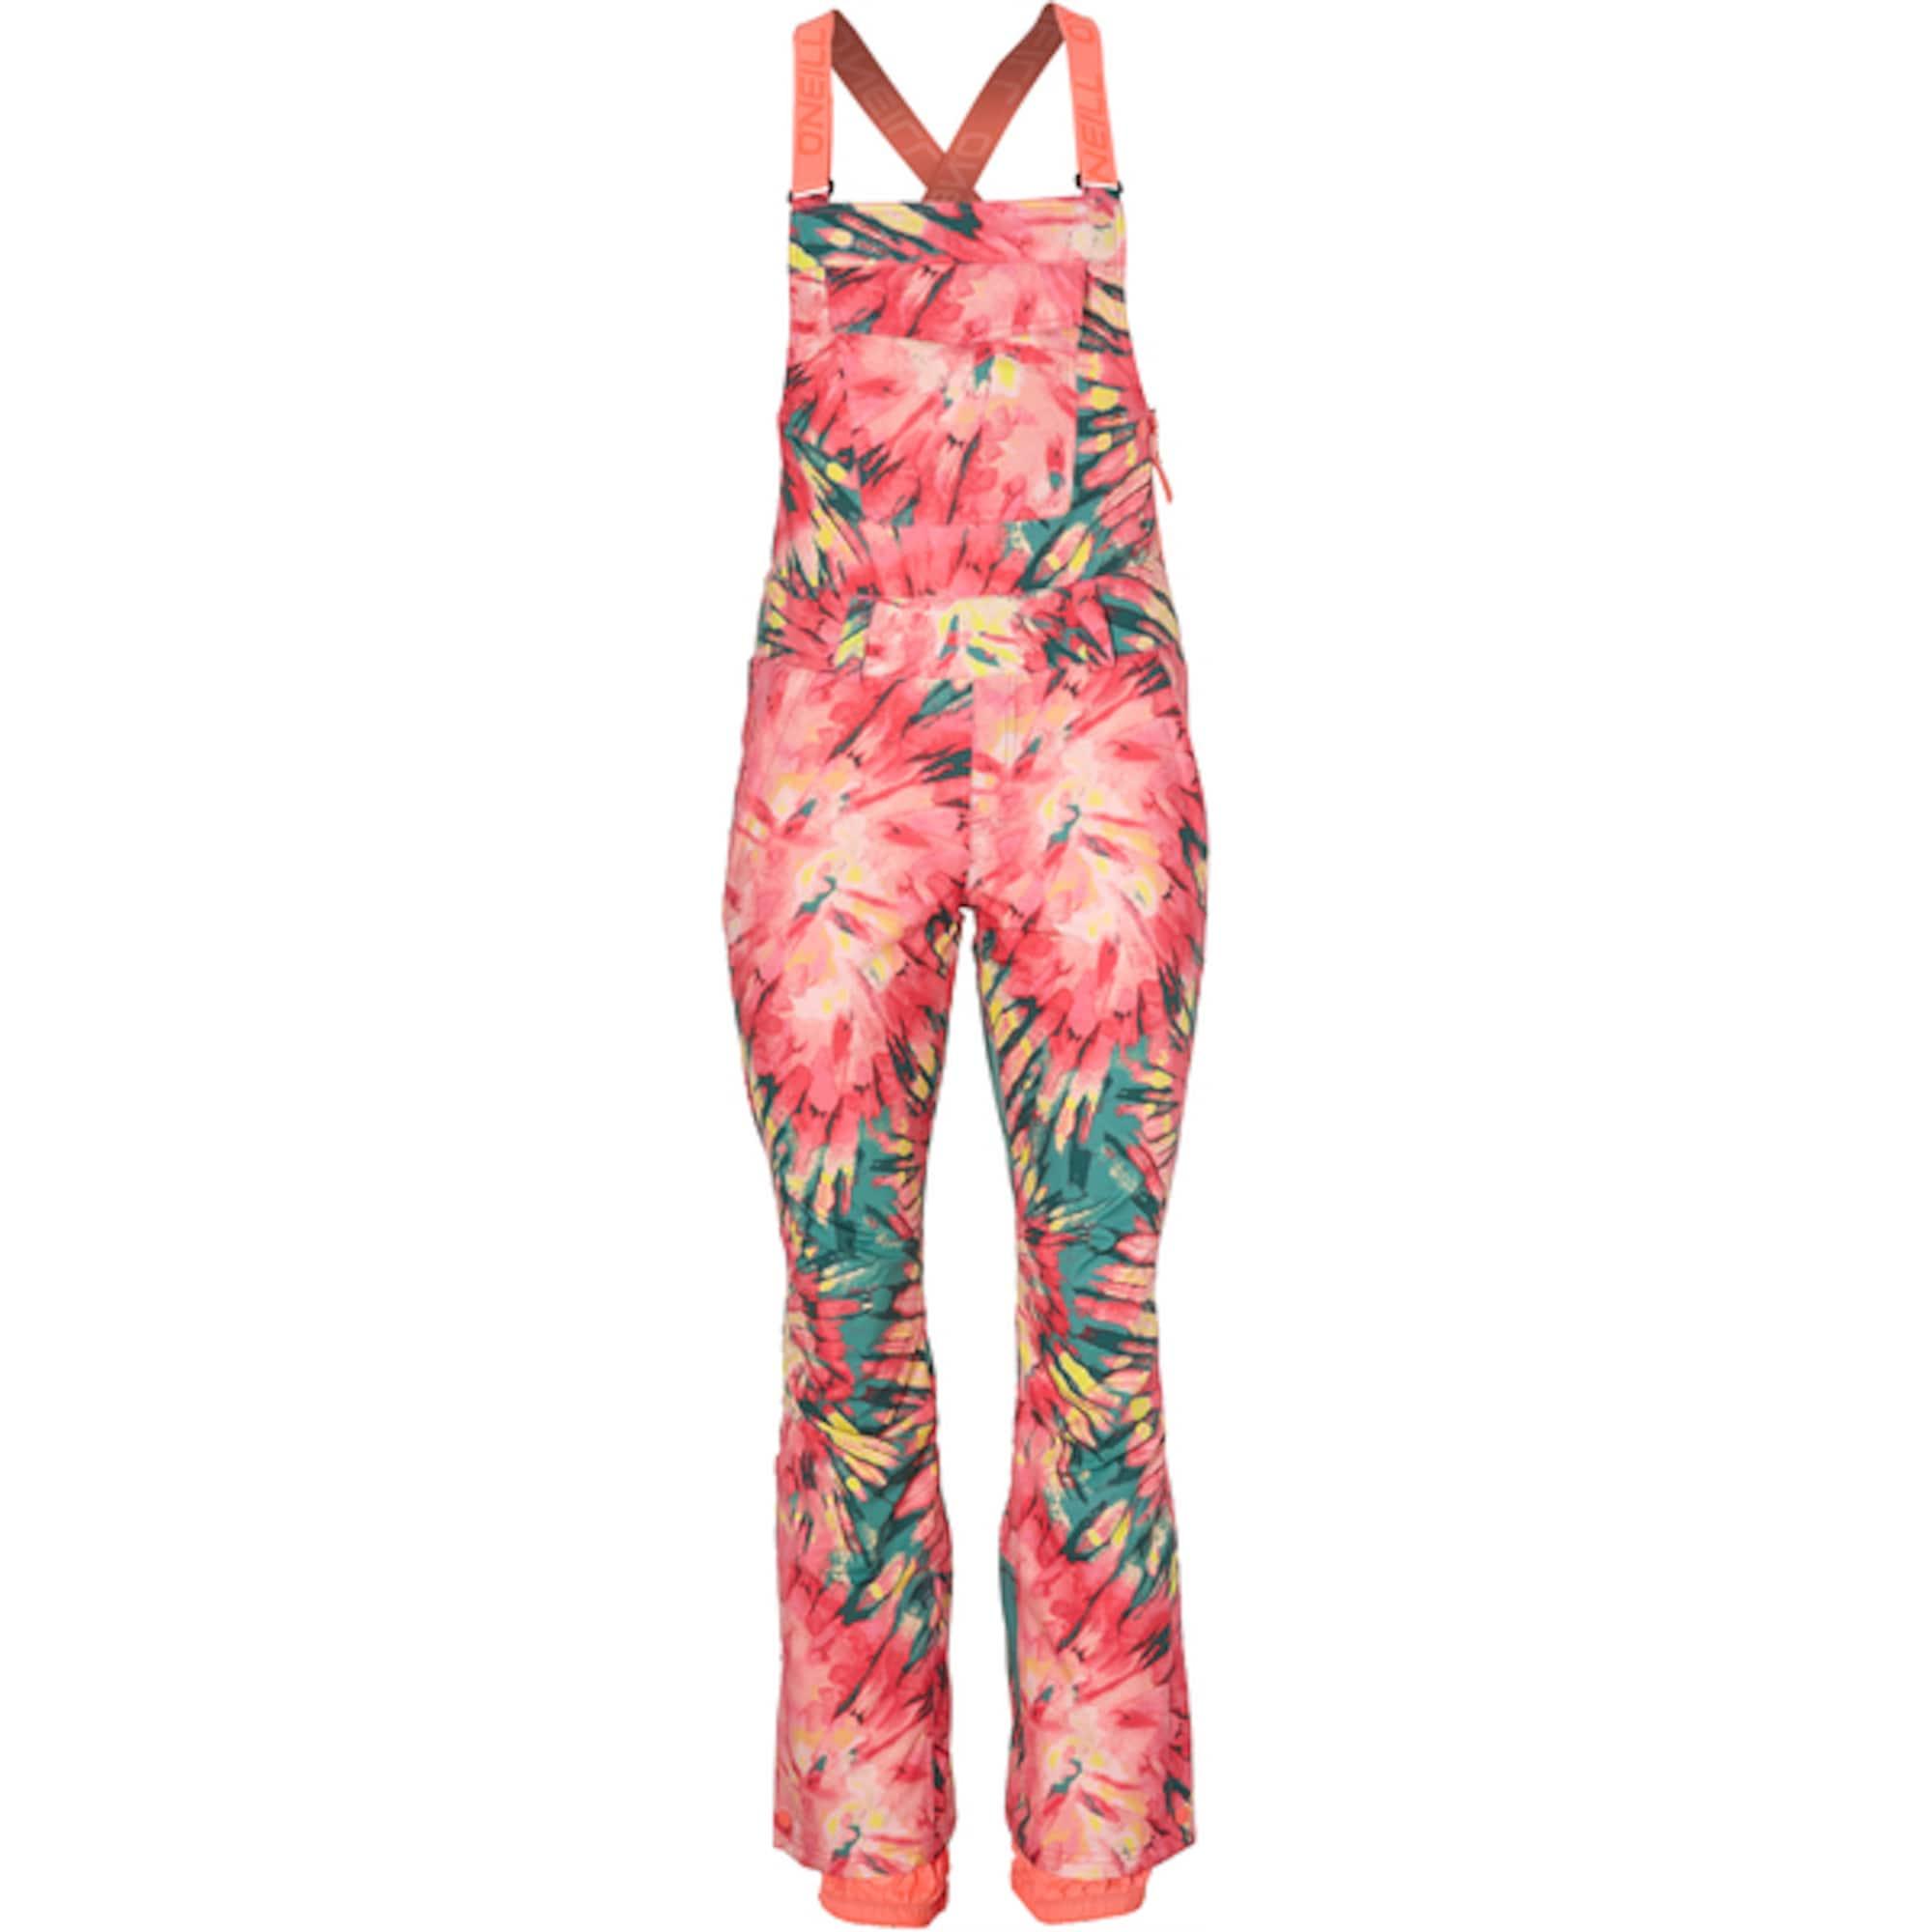 ONEILL Sportovní kalhoty PW SHRED BIB PANTS zelená pink O'NEILL